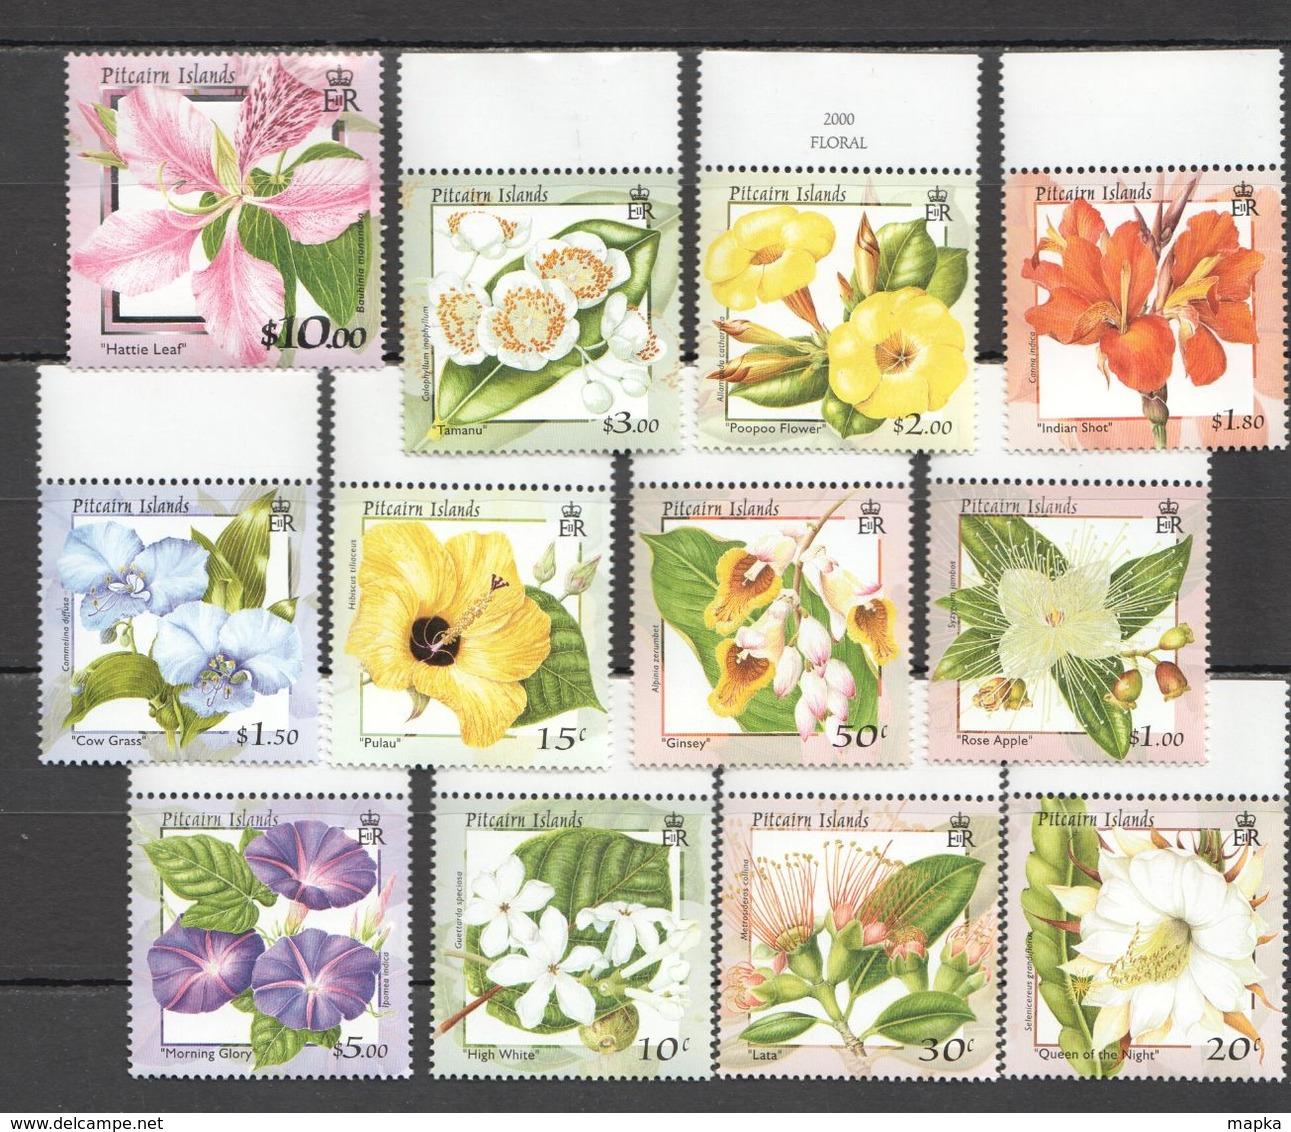 S865 PITCAIRN ISLANDS PLANTS FLOWERS SILVER !!! MICHEL 26 EURO !!! 1SET MNH - Pflanzen Und Botanik